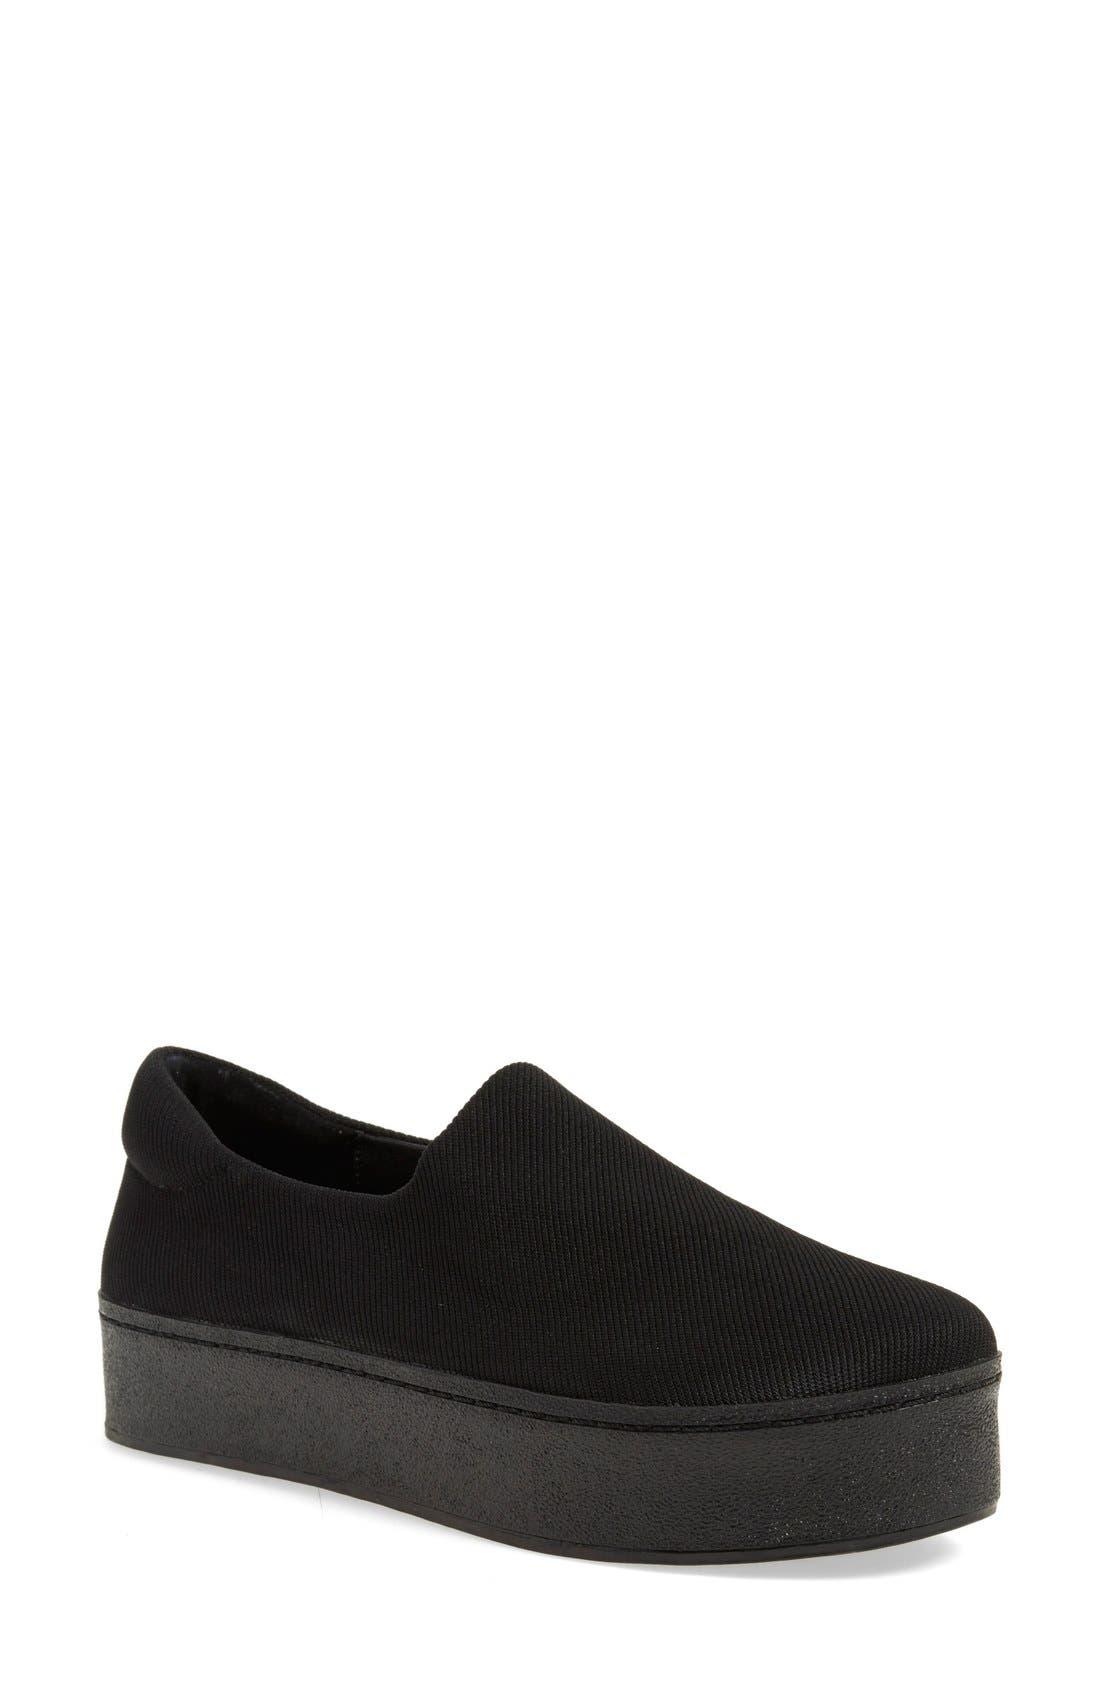 Cici Platform Sneaker,                             Main thumbnail 1, color,                             001